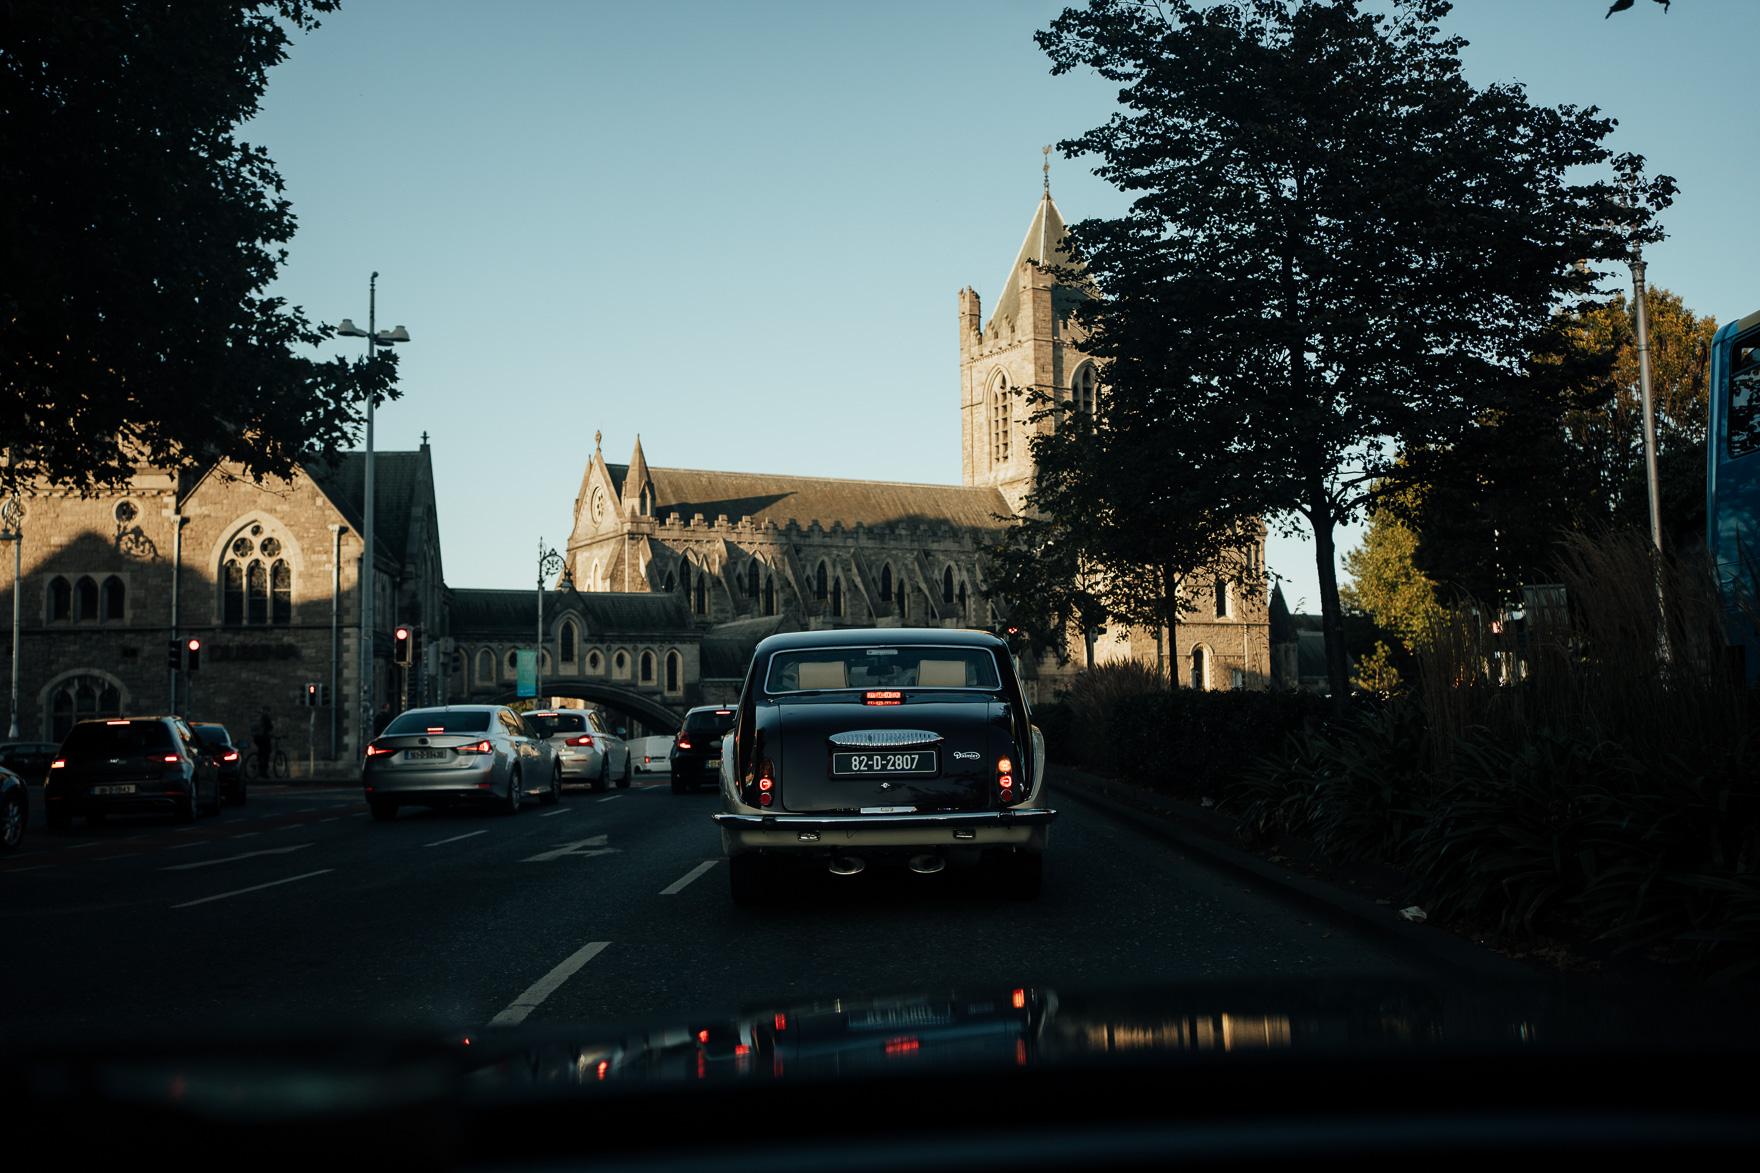 A car driving down a street